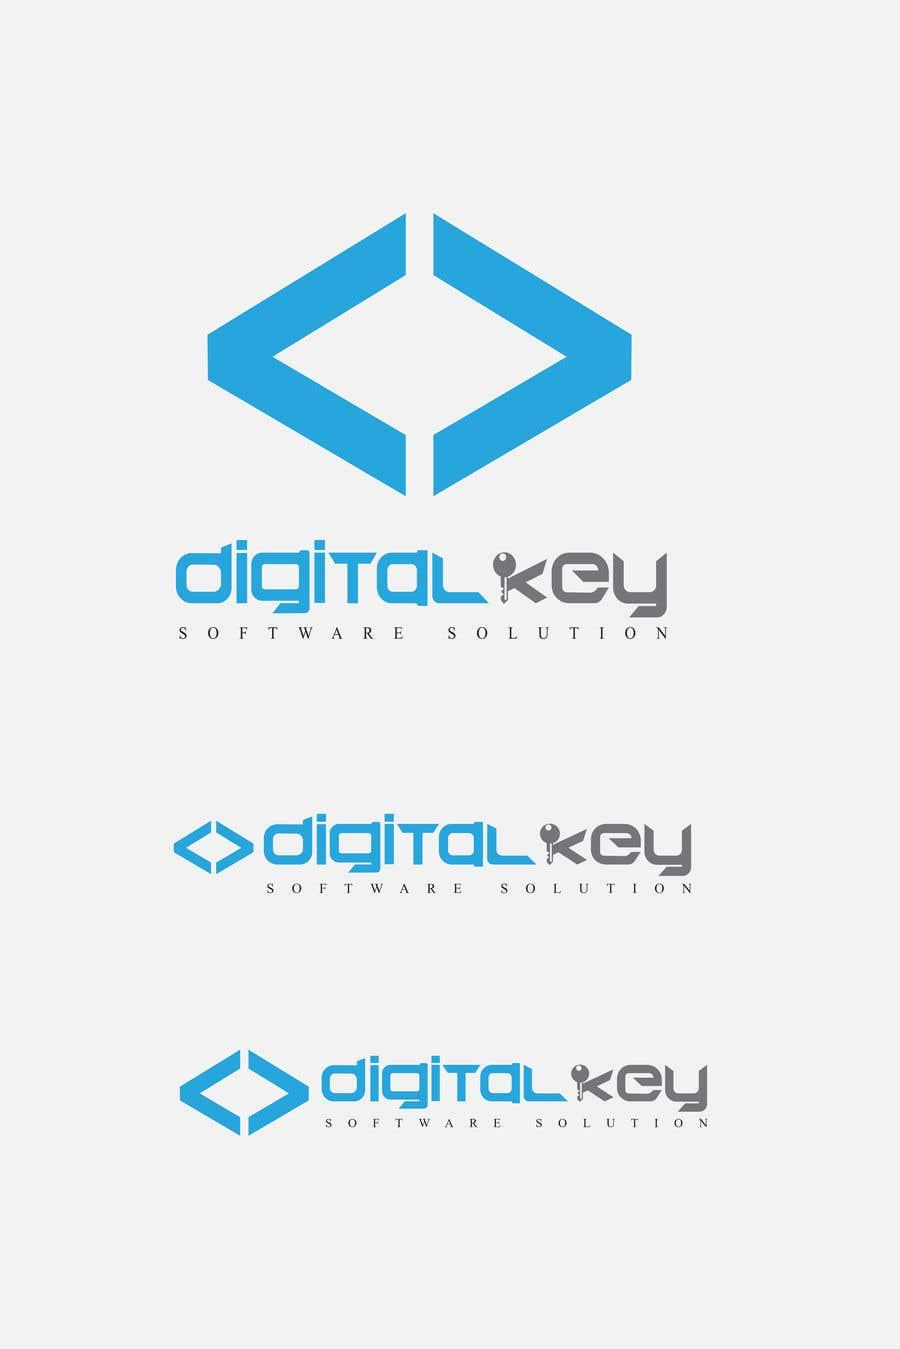 Konkurrenceindlæg #41 for Logo for firm name Digital Key